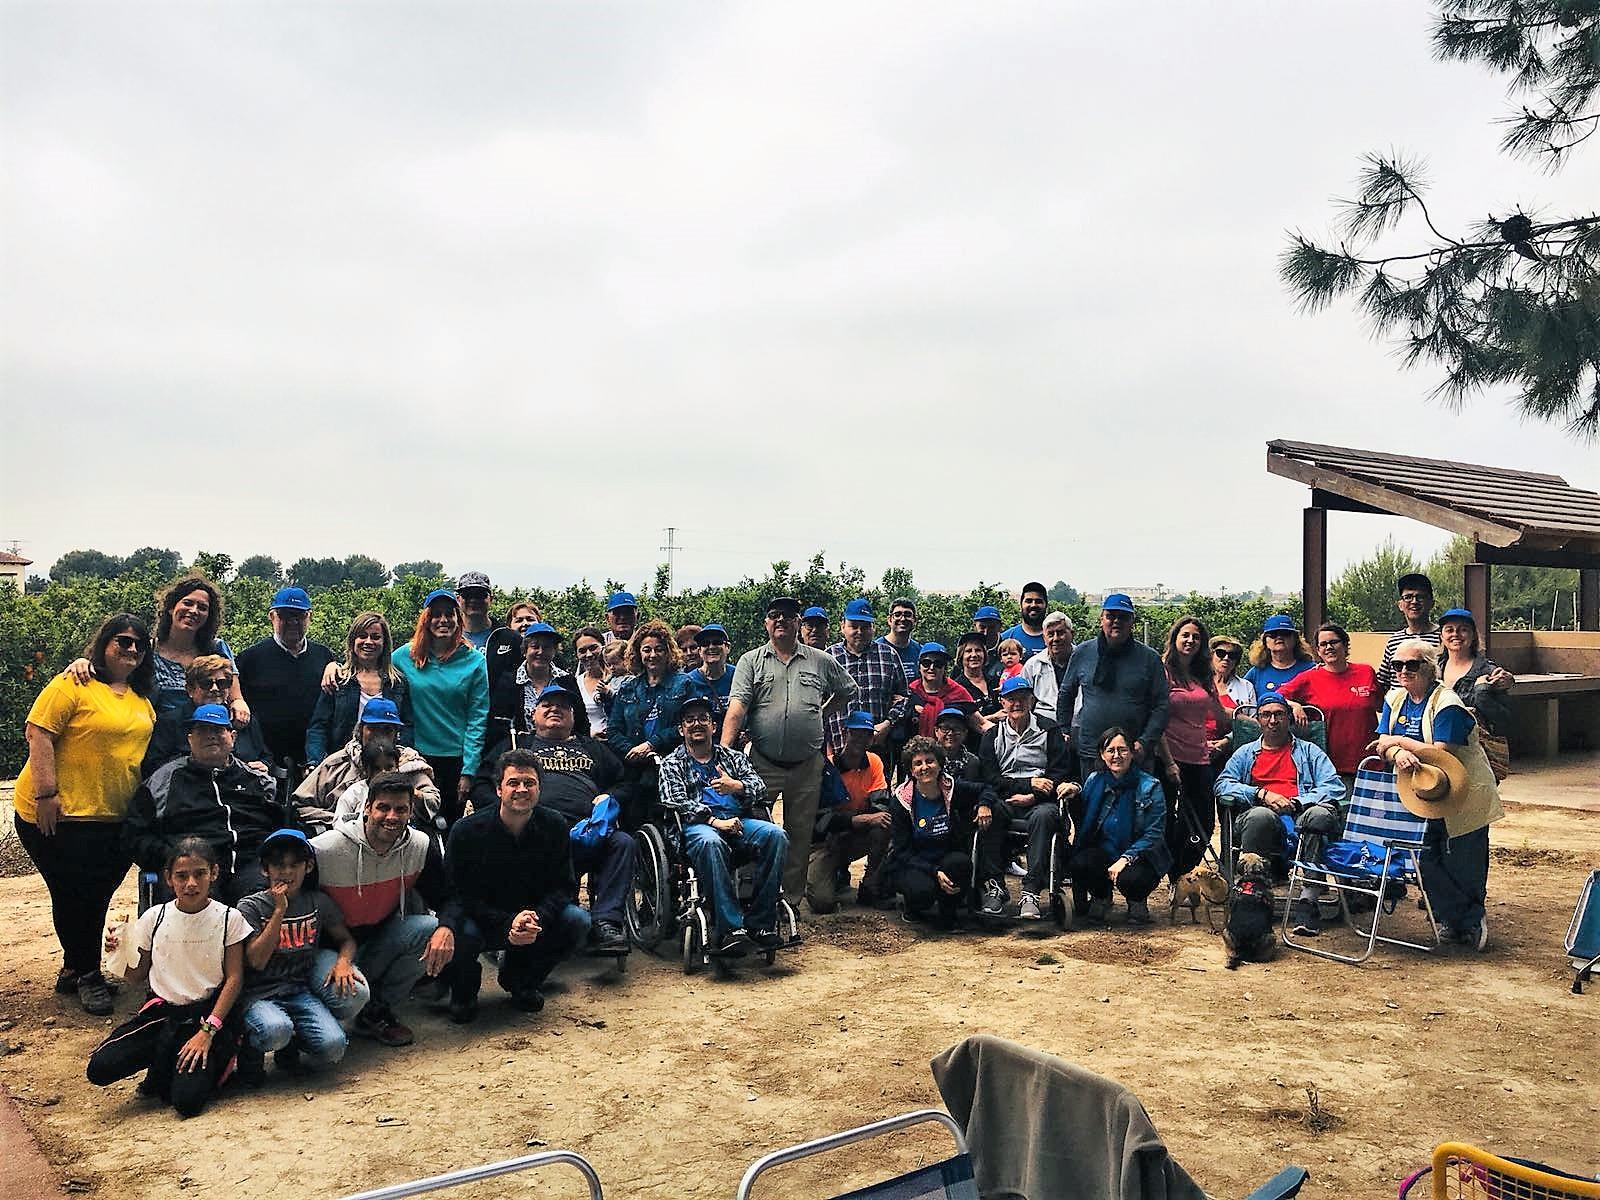 CONVIVENCIA DE FAMILIAS DE ADACEA ALICANTE, 14 DE ABRIL